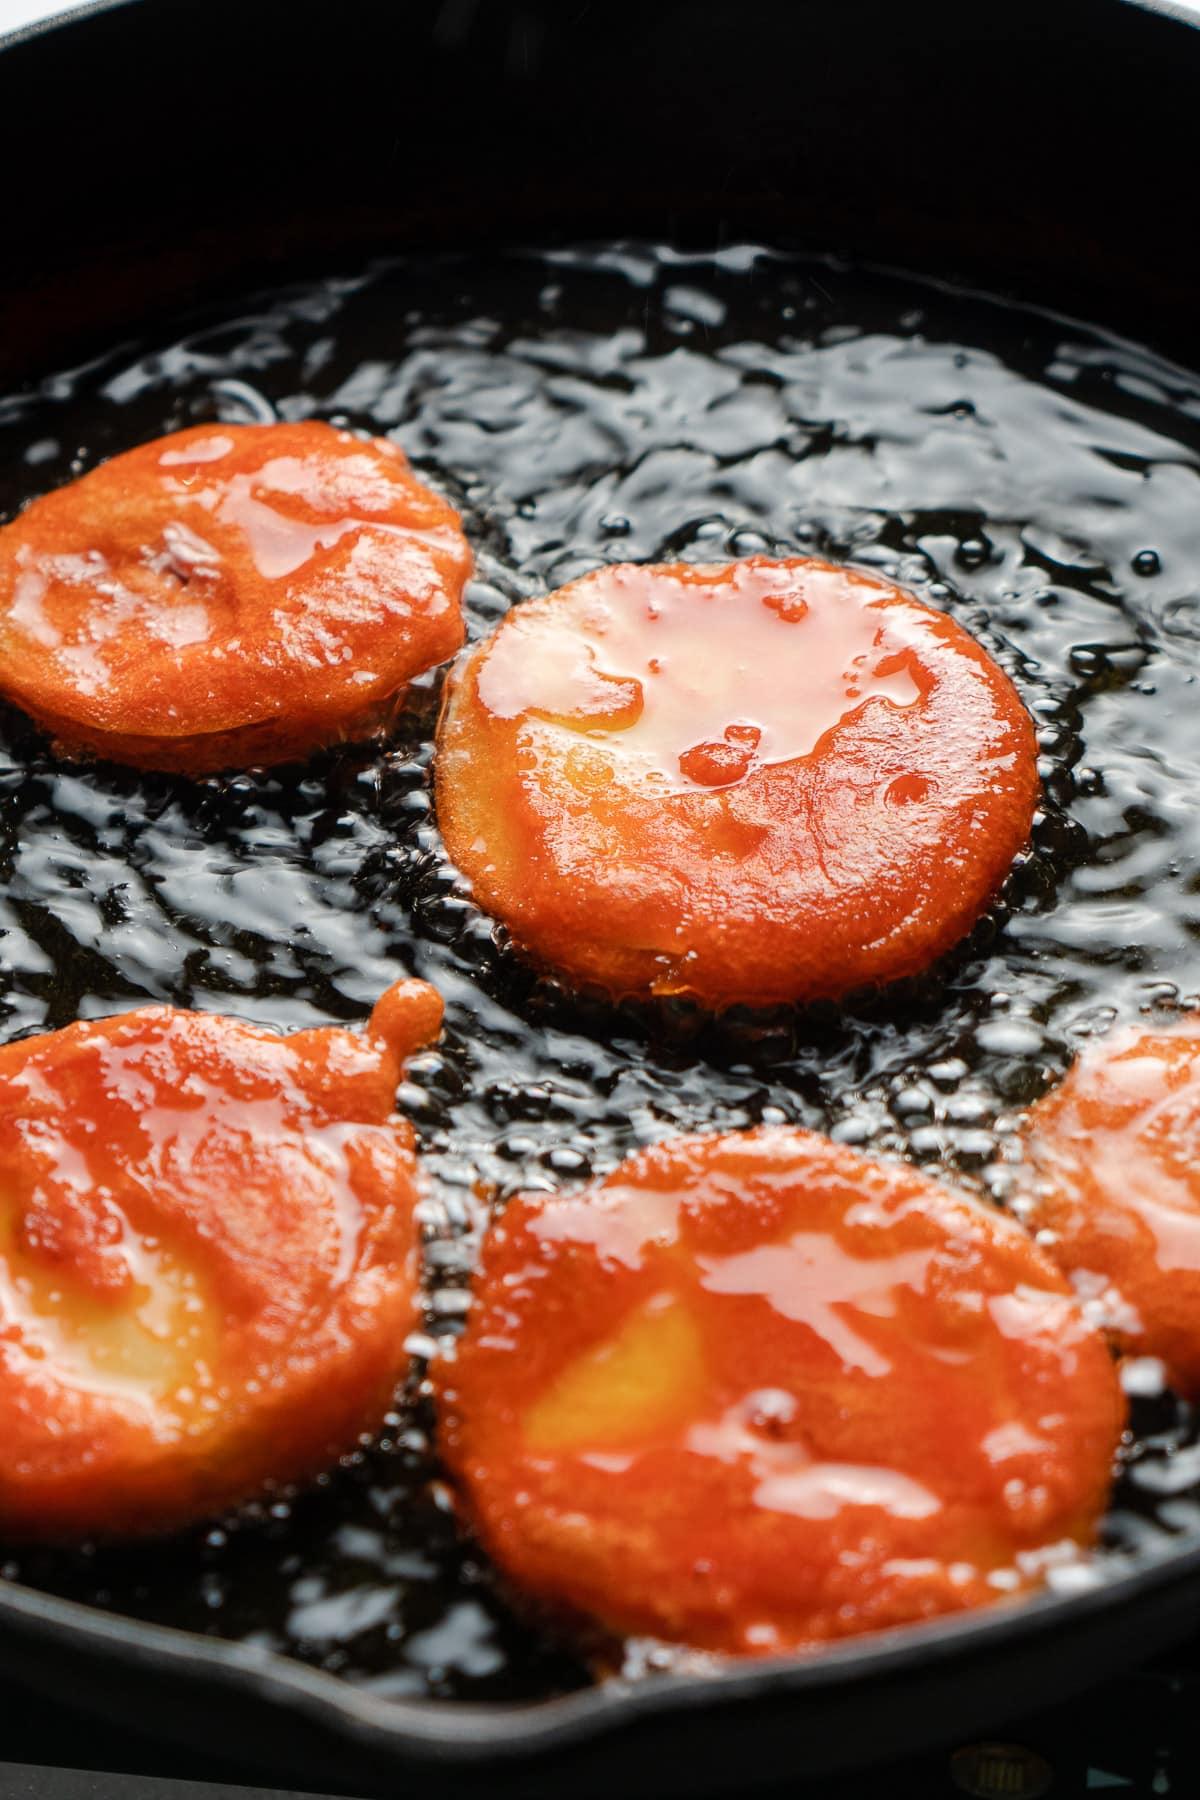 fried juicy apple jalebis in ghee in a skillet